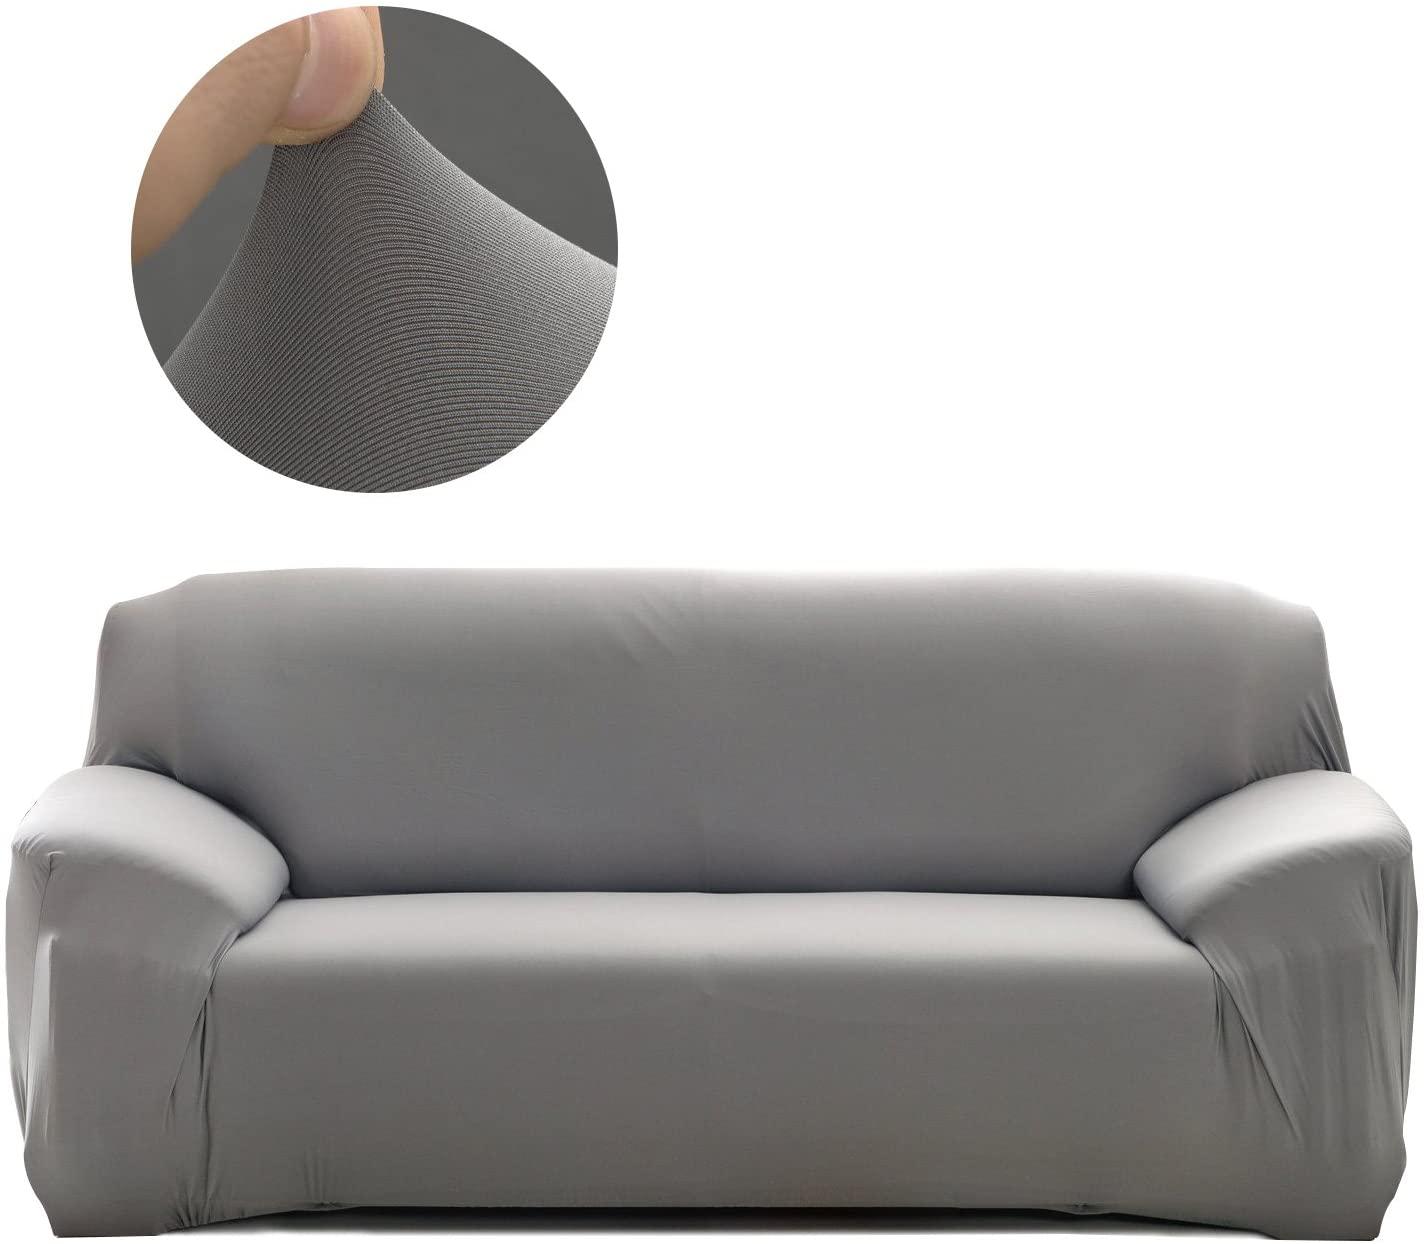 Full Size of Sofa Spannbezug Amazonde Cornasee Elastischer Sofabezug 2 Sitzer Weißes Hay Mags Mondo Mit Verstellbarer Sitztiefe Stoff Wk Himolla Boxspring Kleines Sofa Sofa Spannbezug